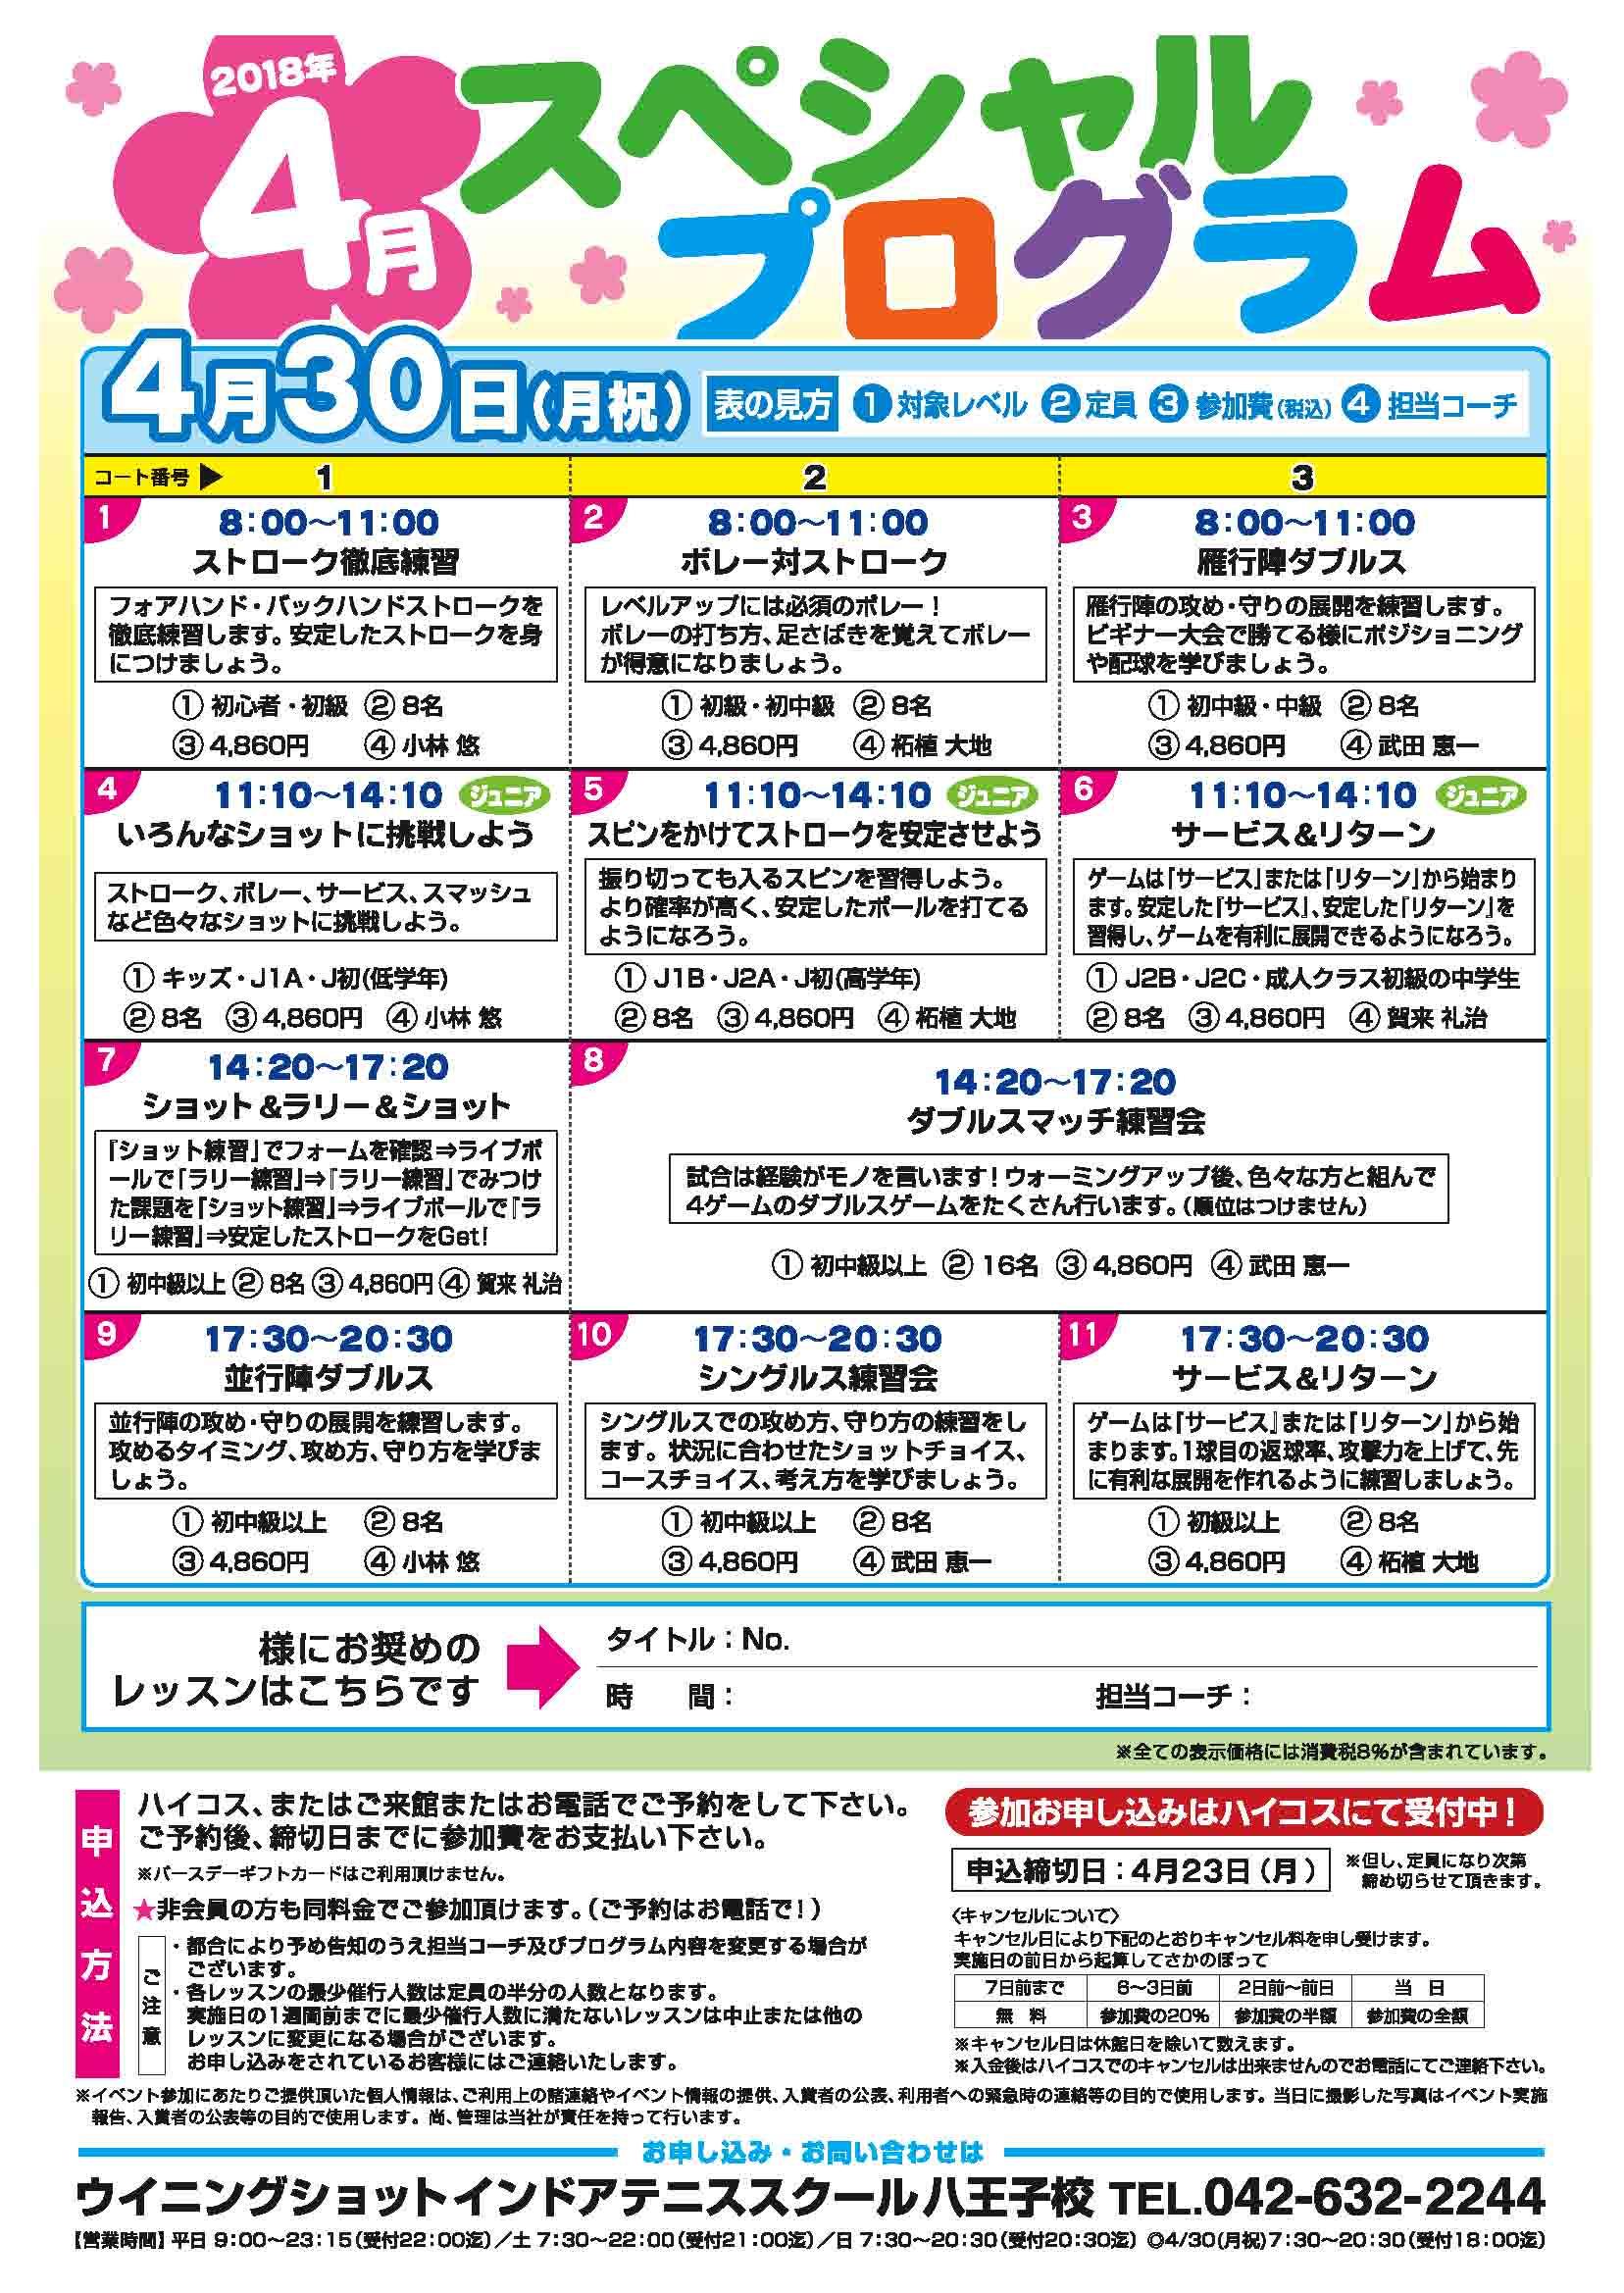 【4/30開催】4月スペシャルプログラム